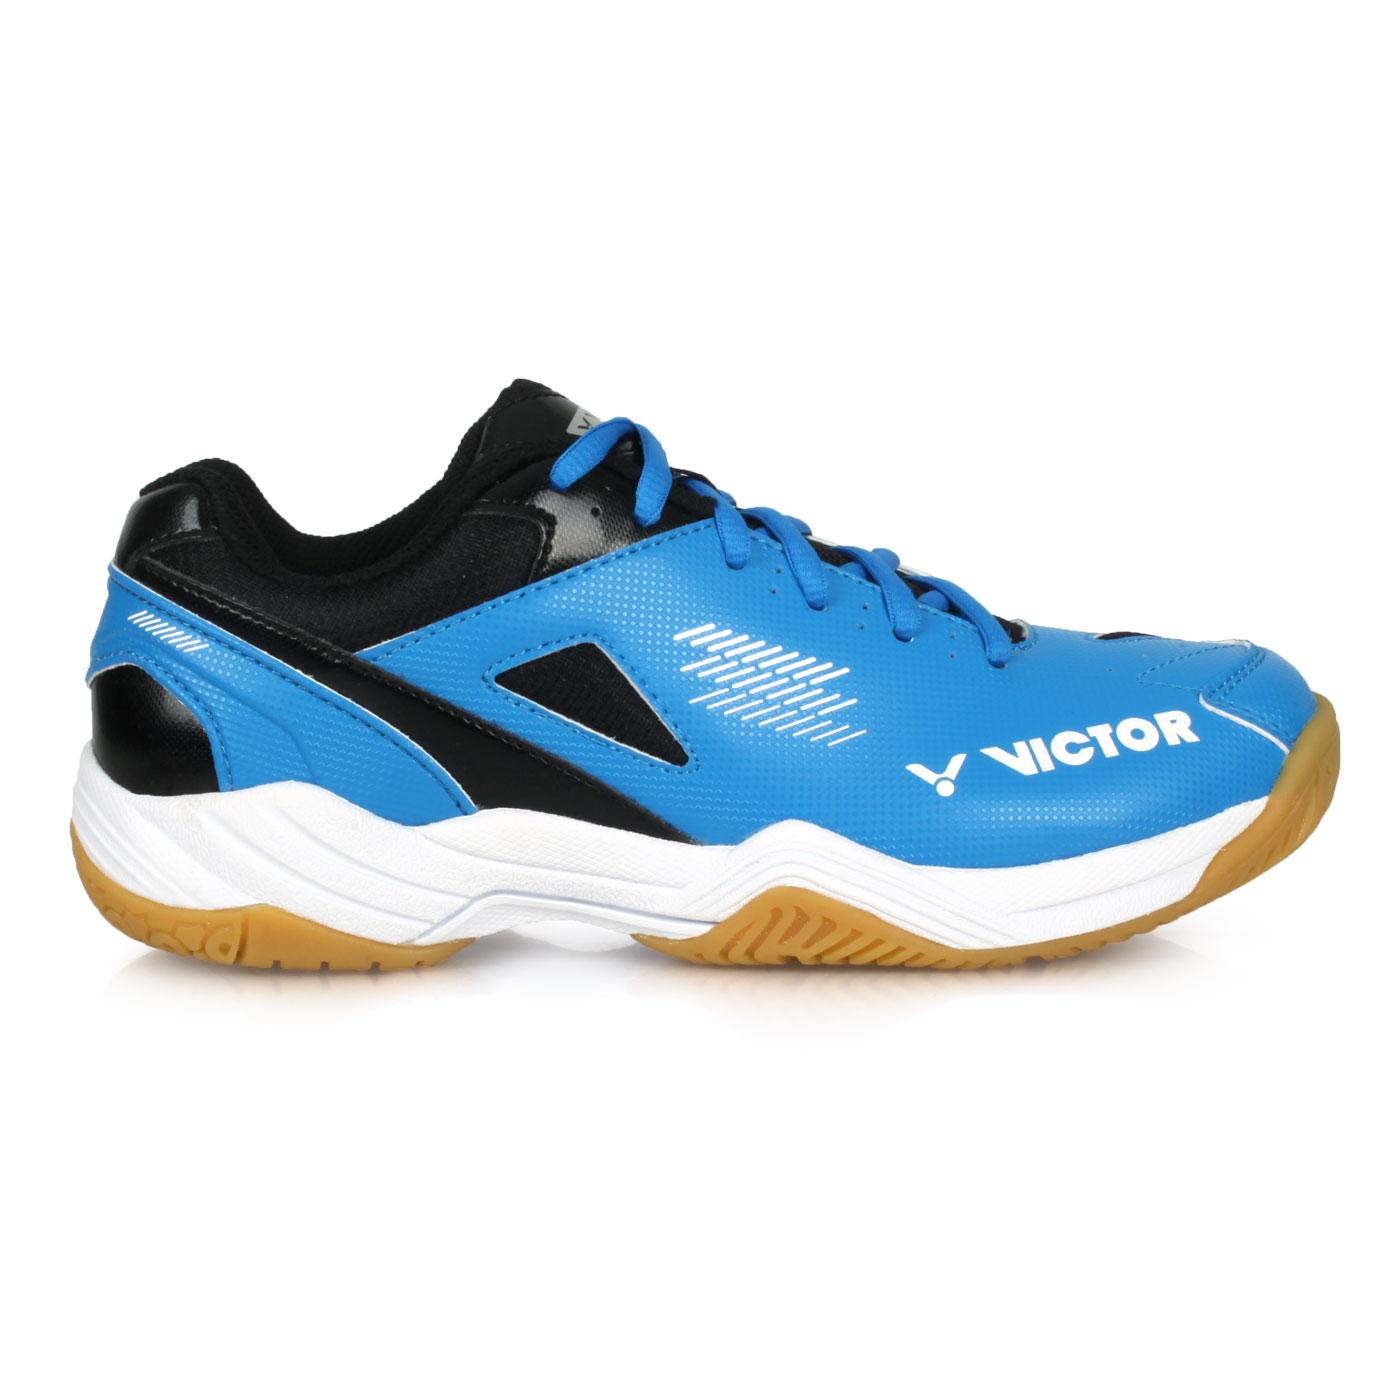 VICTOR 專業羽球鞋-4E A171-CS - 藍黑白